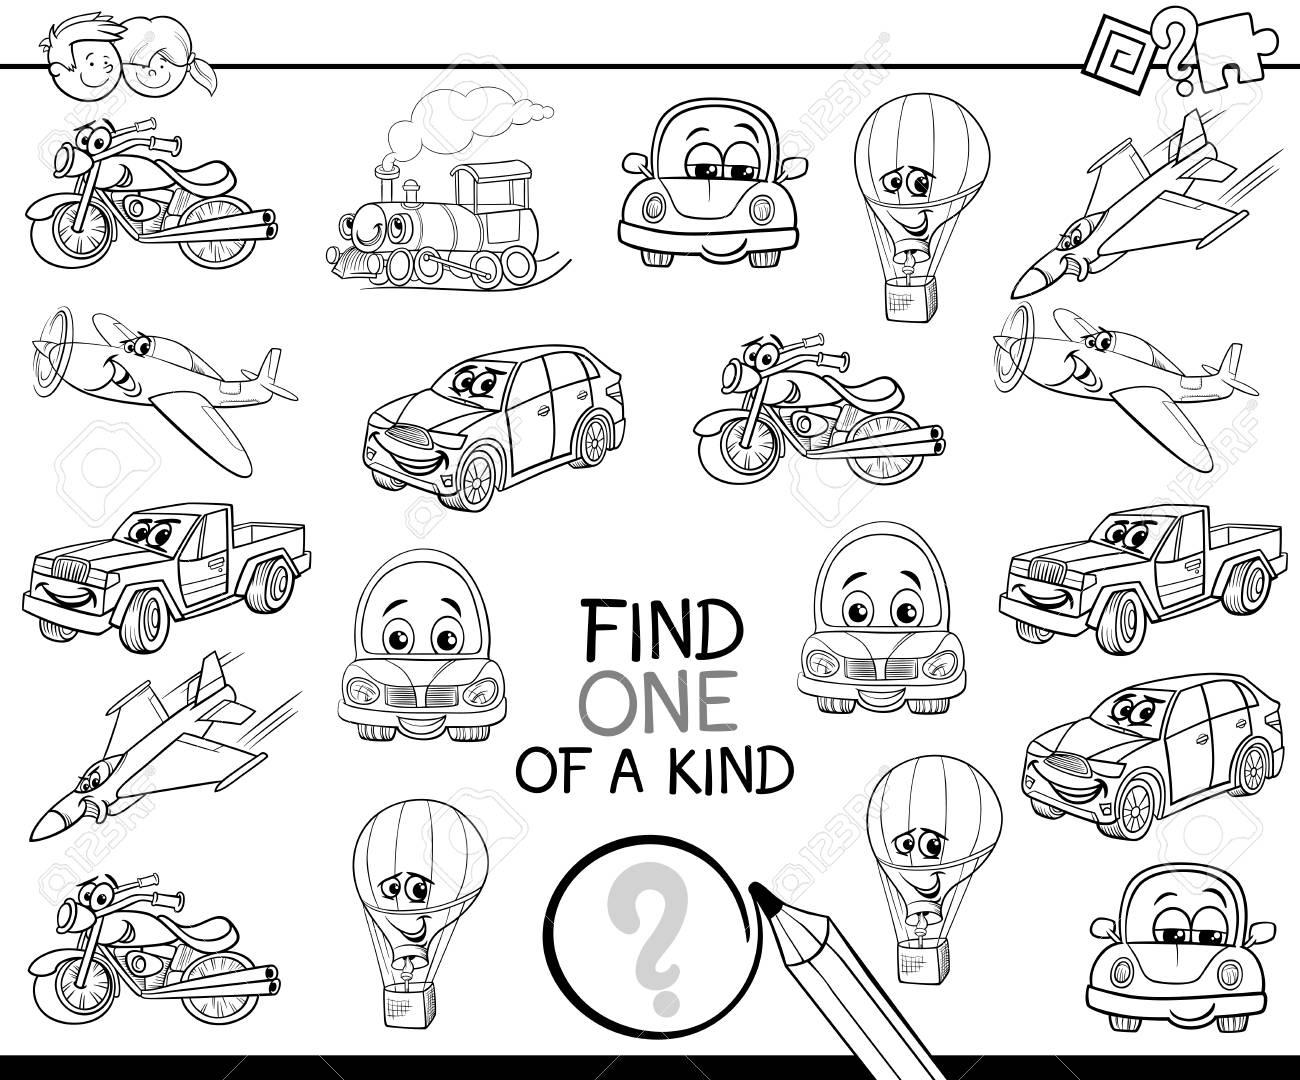 Ilustración De Dibujos Animados En Blanco Y Negro De Encontrar Uno De Un Tipo Juego De Actividad Educativa Para Niños Con Personajes De Fantasía